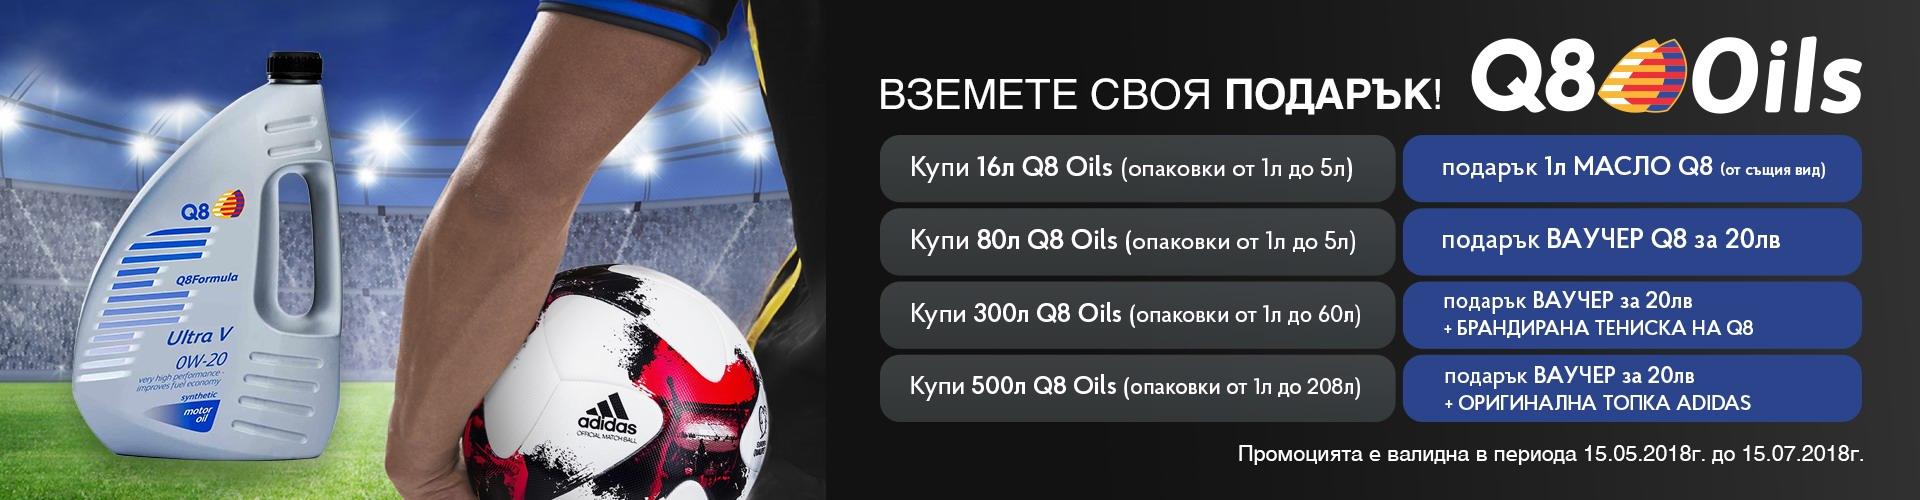 promocia_q8_oils_15.05.2018_-_15.07.2018_banner.jpg